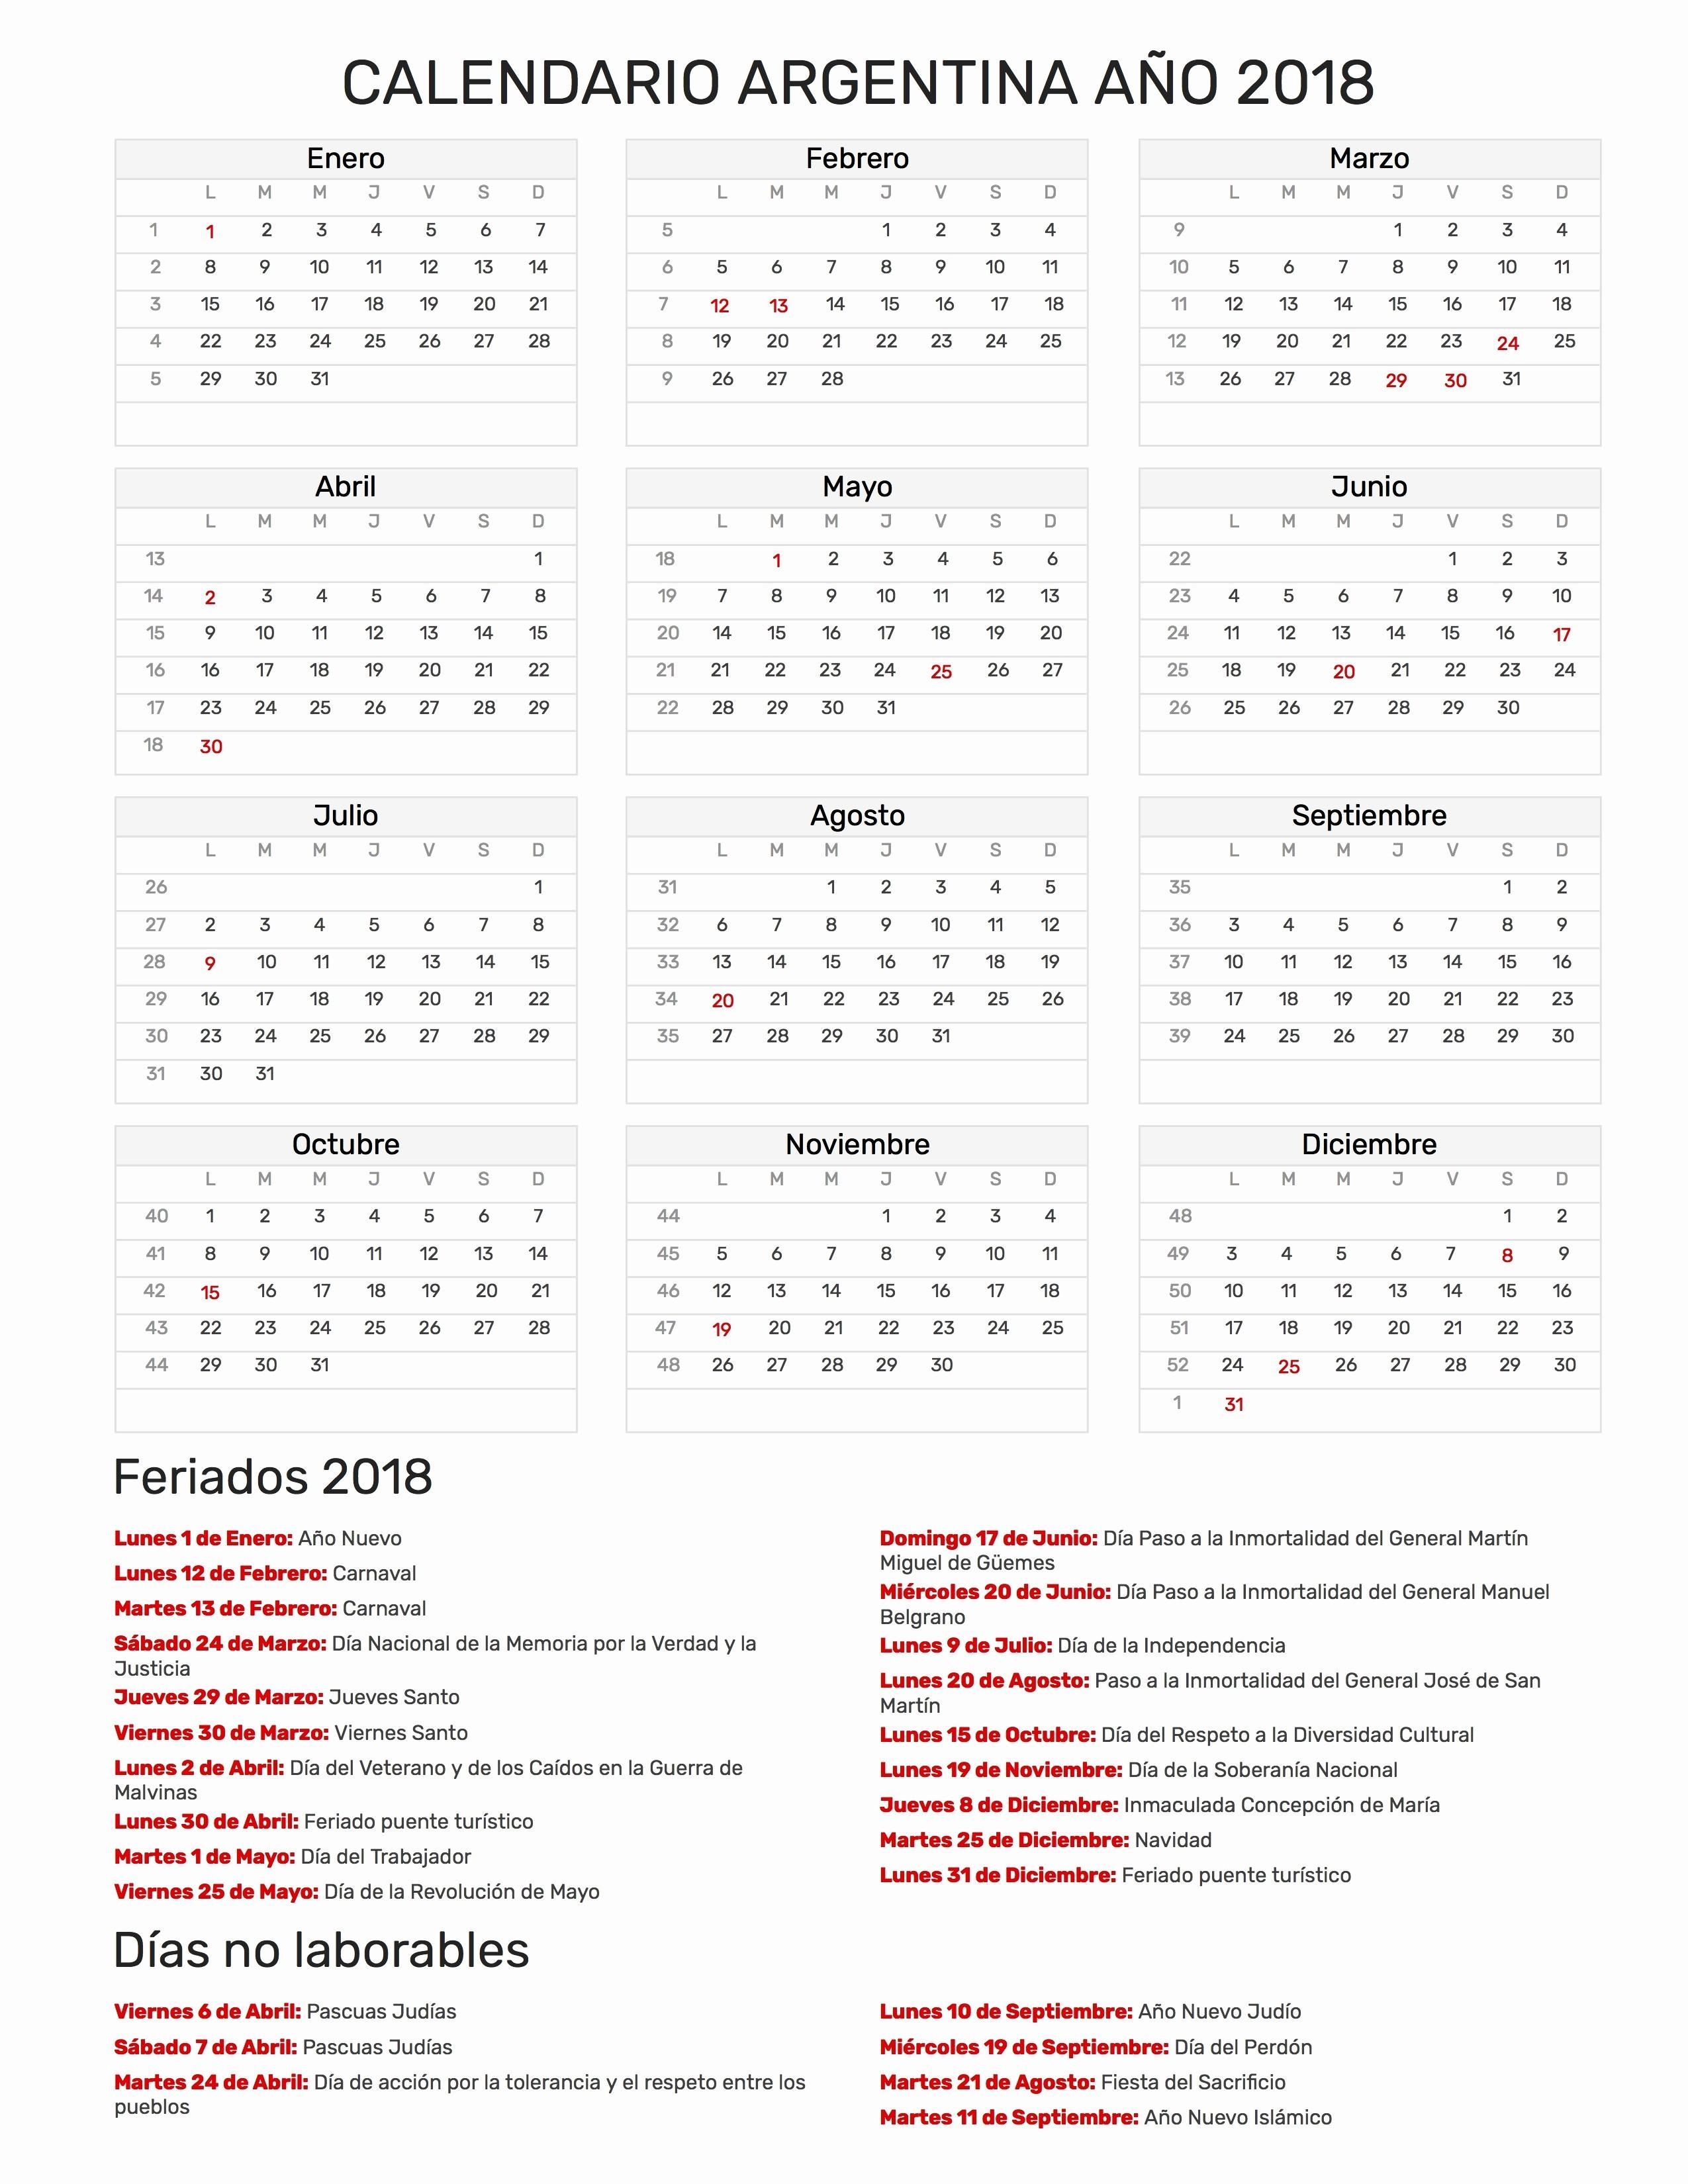 Calendario Con Semanas 2019 Chile.Prueba Calendario 2019 Con Semanas Y Festivos En Colombia